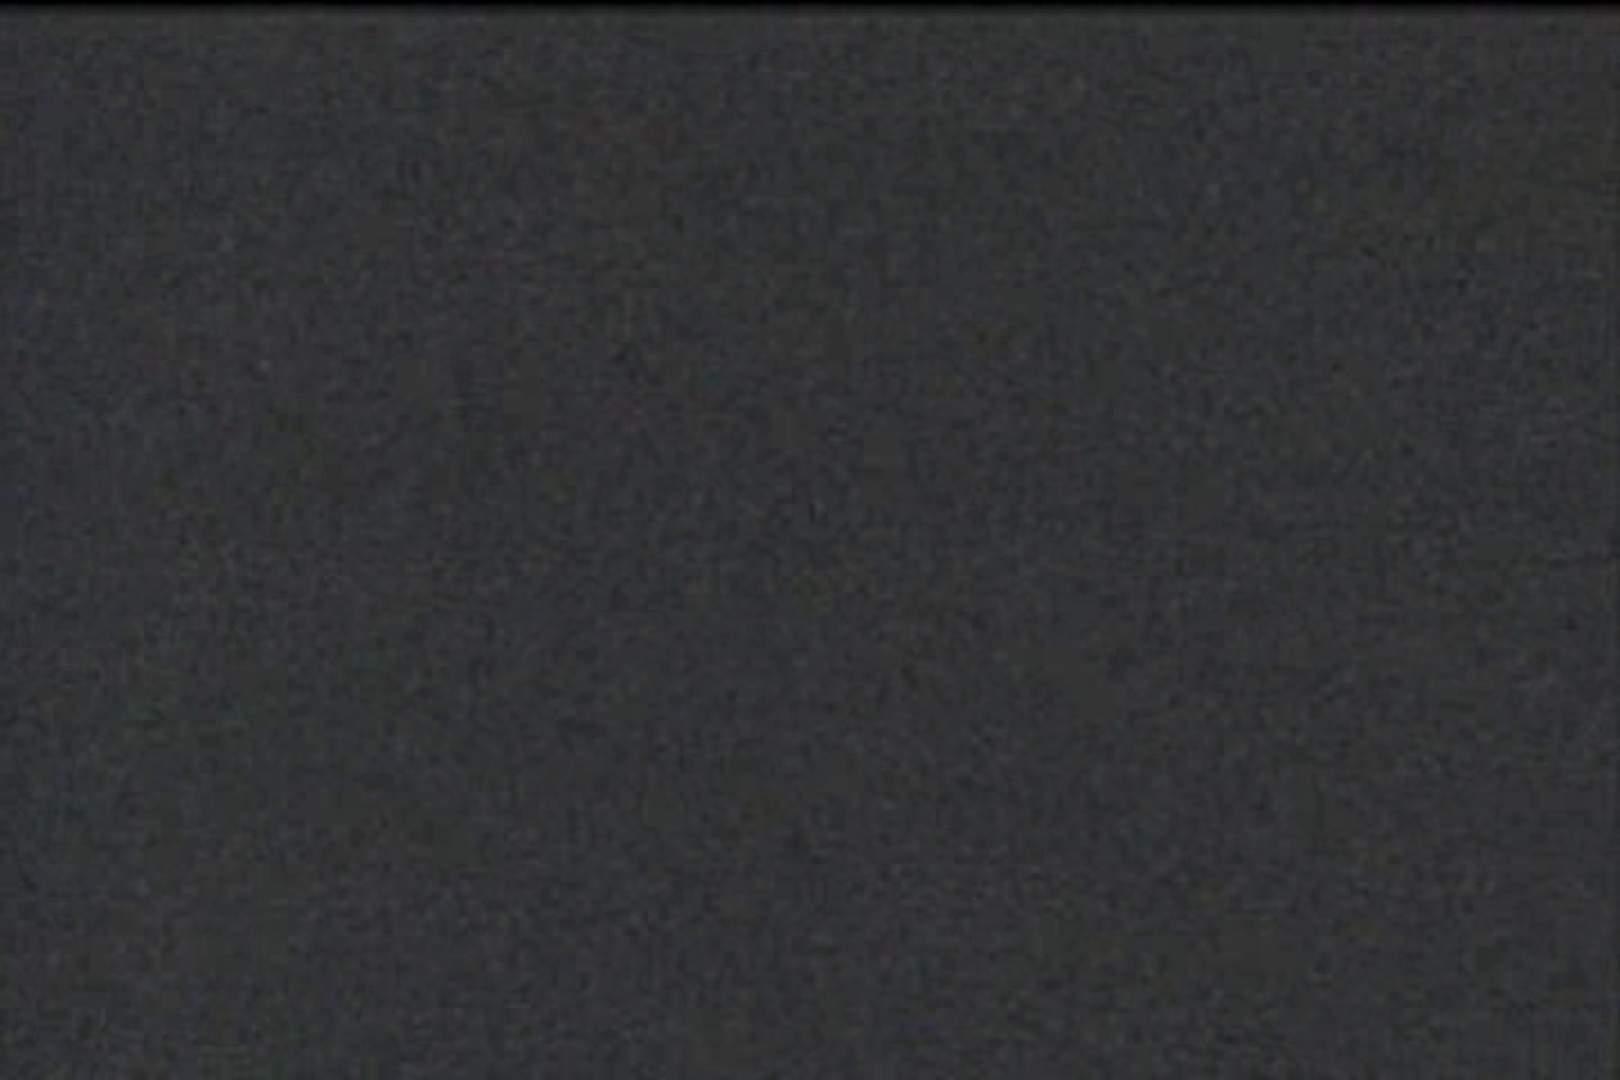 蔵出し!!赤外線カーセックスVol.28 クンニ のぞき動画画像 101pic 95